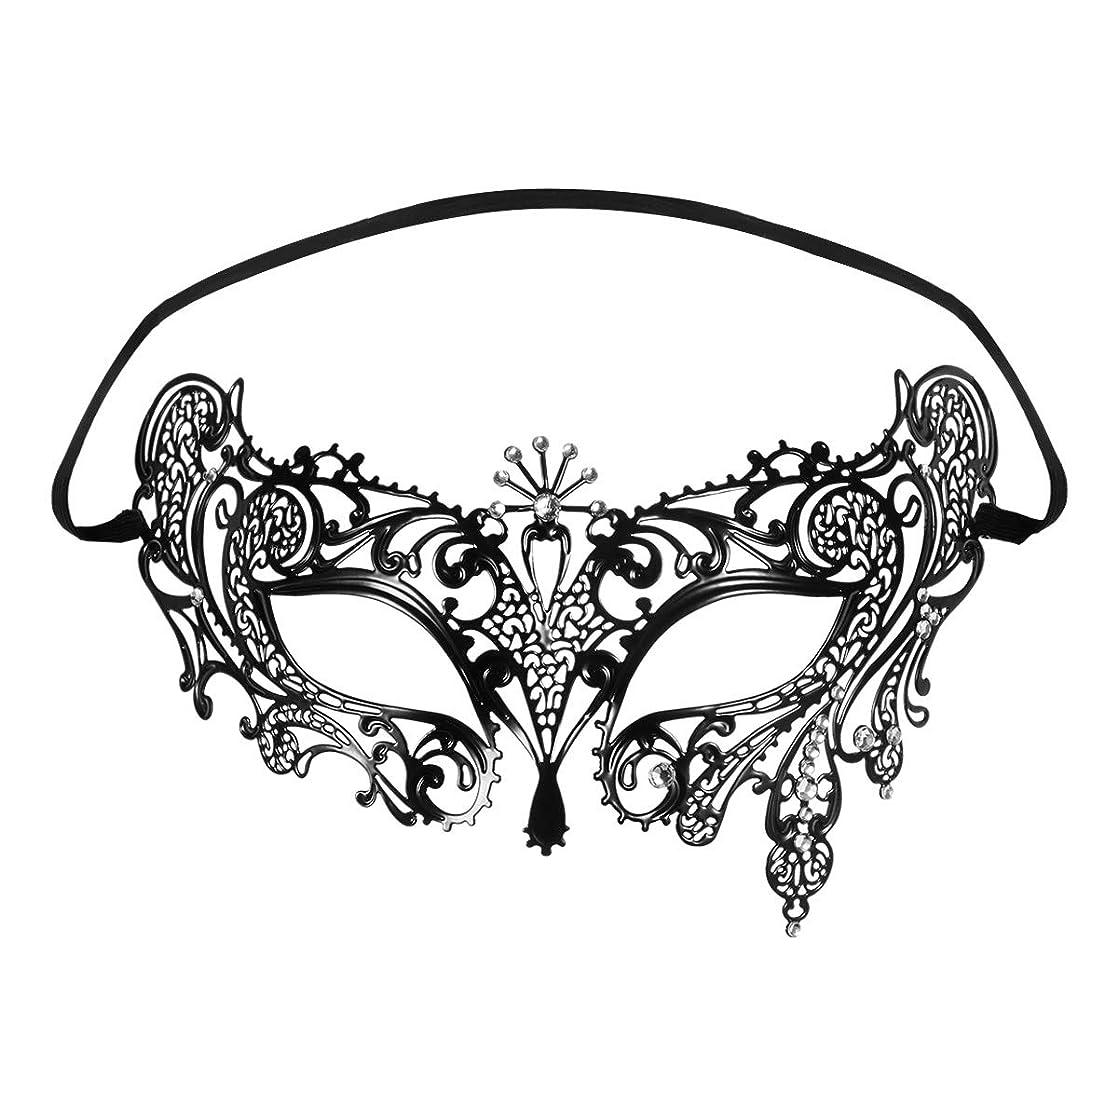 ピザ家畜出撃者Foxnovo Foxnovoファッション高級ベネチアンスタイルディアマンテメタルフィリグリー仮装用マスク結婚式/パーティー用(ブラック)